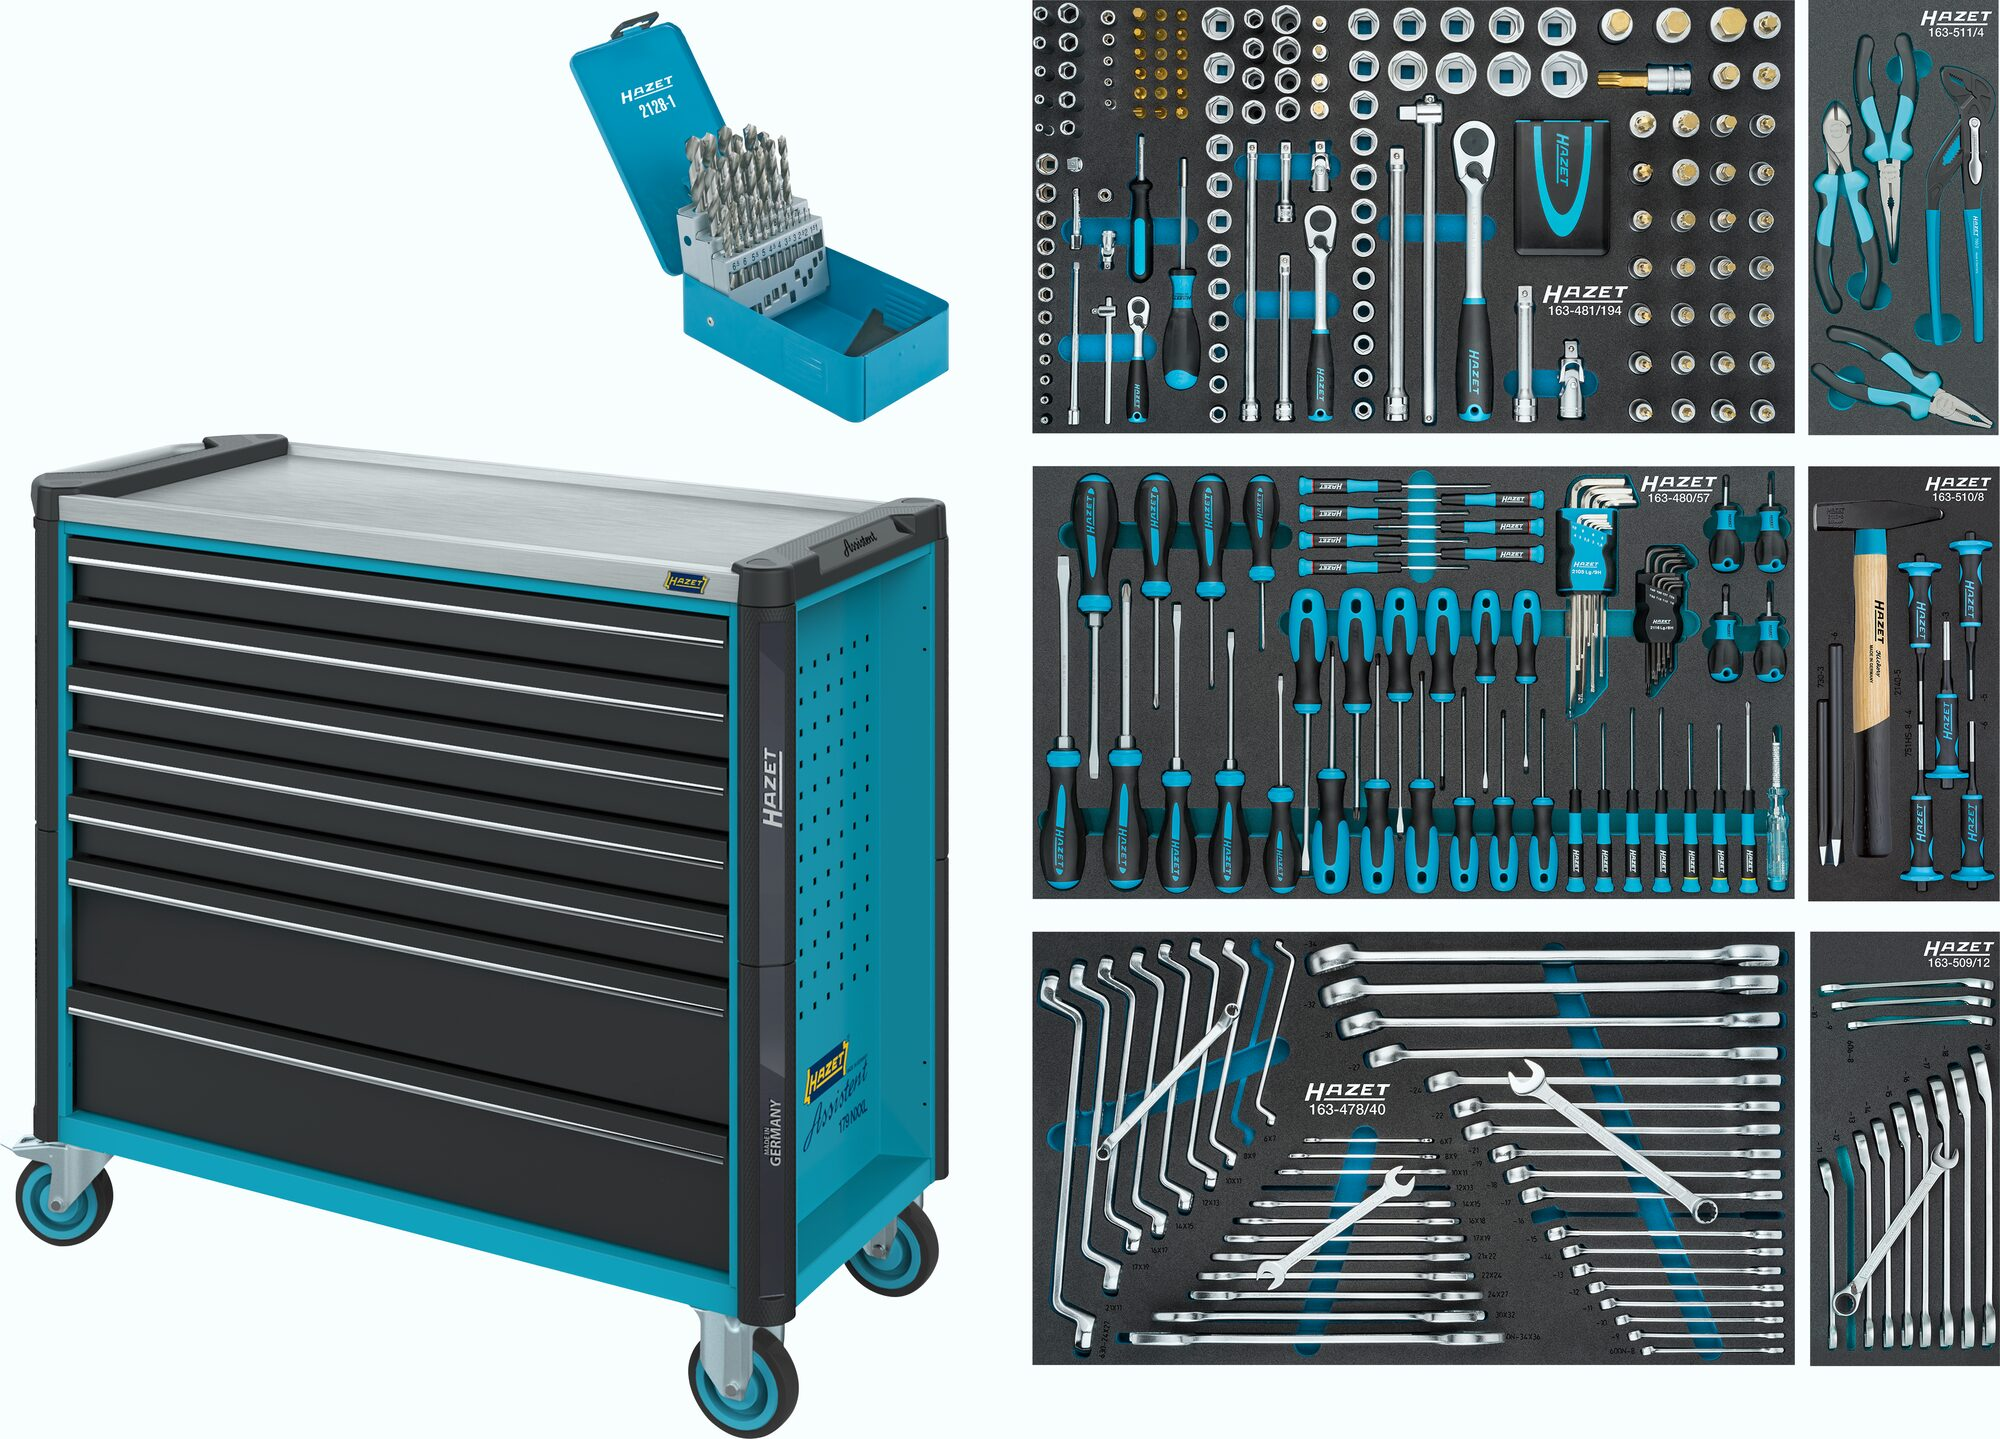 HAZET Werkstattwagen Assistent 179NXXL-7/340 ∙ Schubladen, flach: 5x 81x870x398 mm ∙ Anzahl Werkzeuge: 340